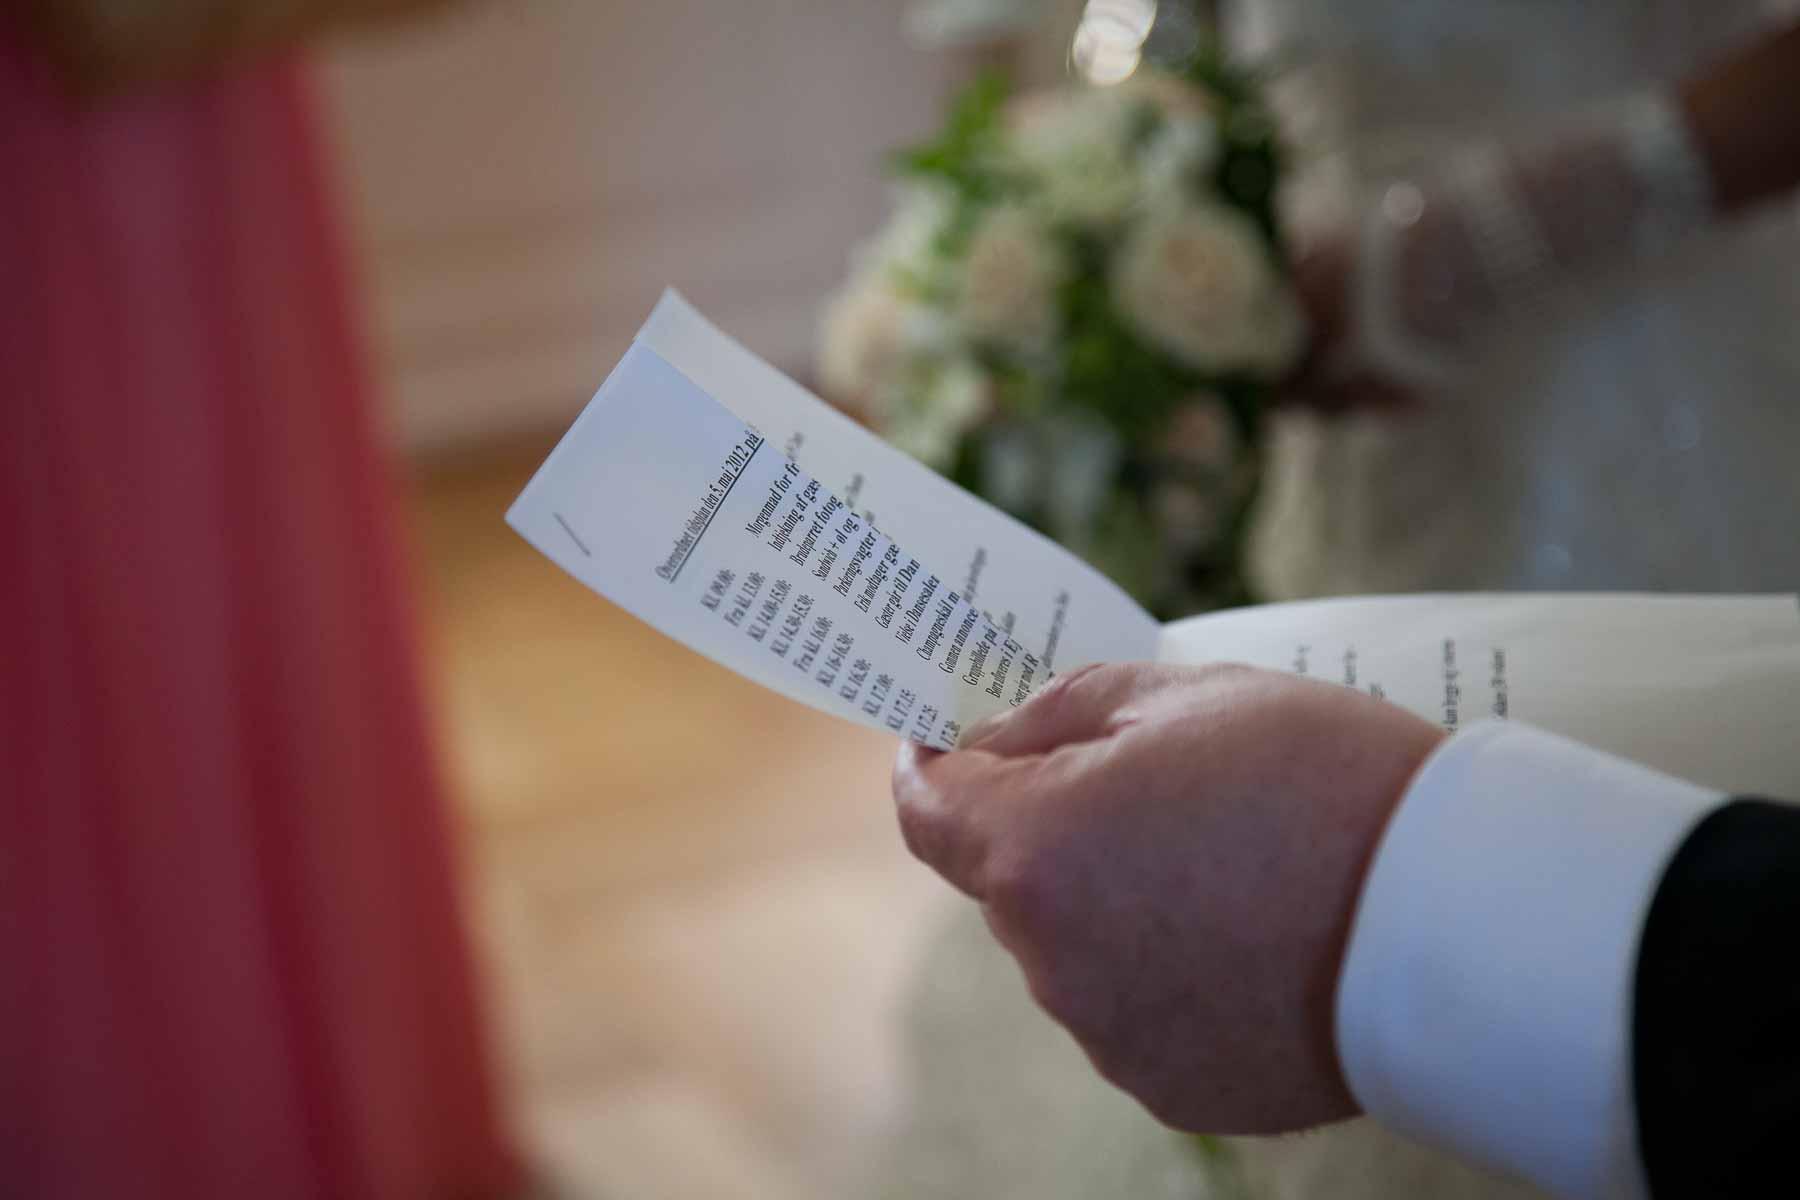 f35c7960 Vælg kompetente, erfarne fagfolk, der brænder for bryllupper. Brug en  bryllupsplanlægger hvis du er i tvivl eller har brug for input.